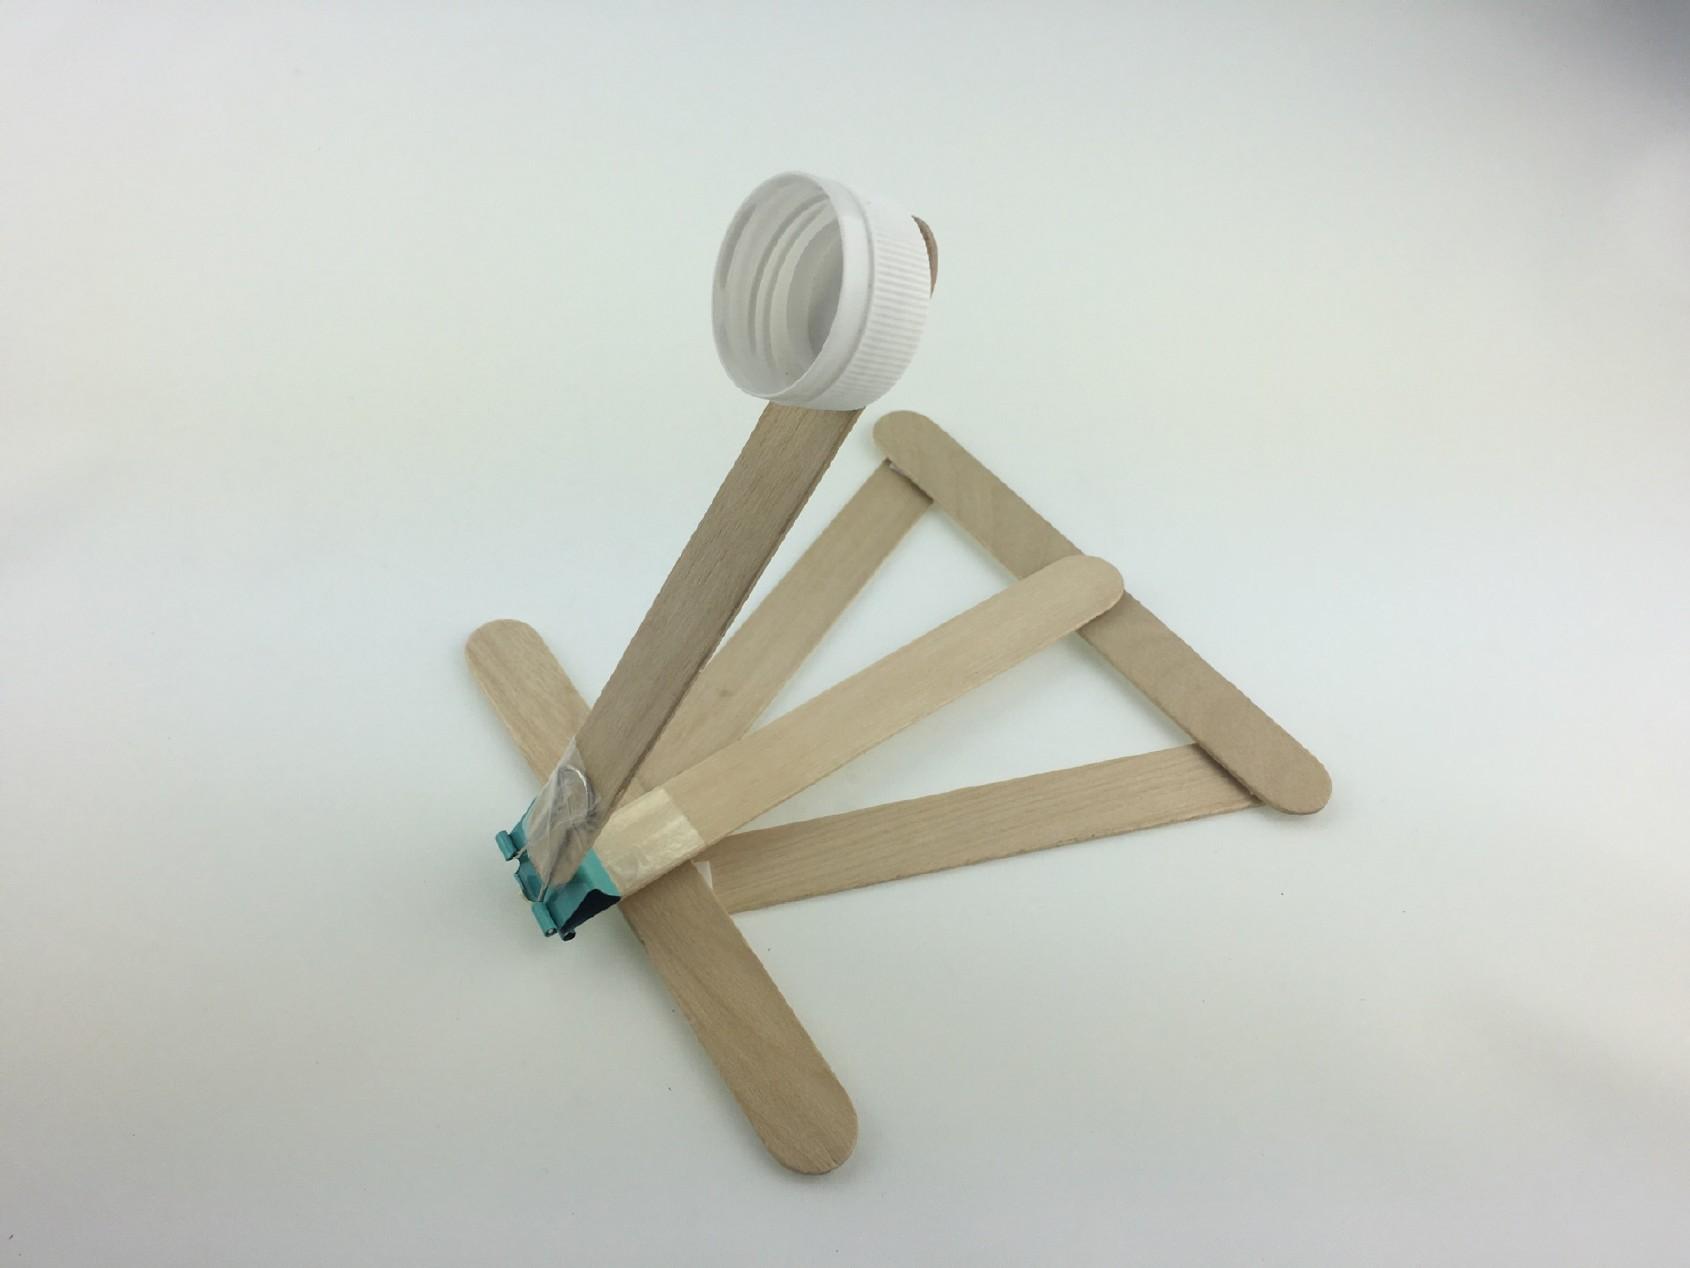 二年级小发明作品_简单又快的科学小制作